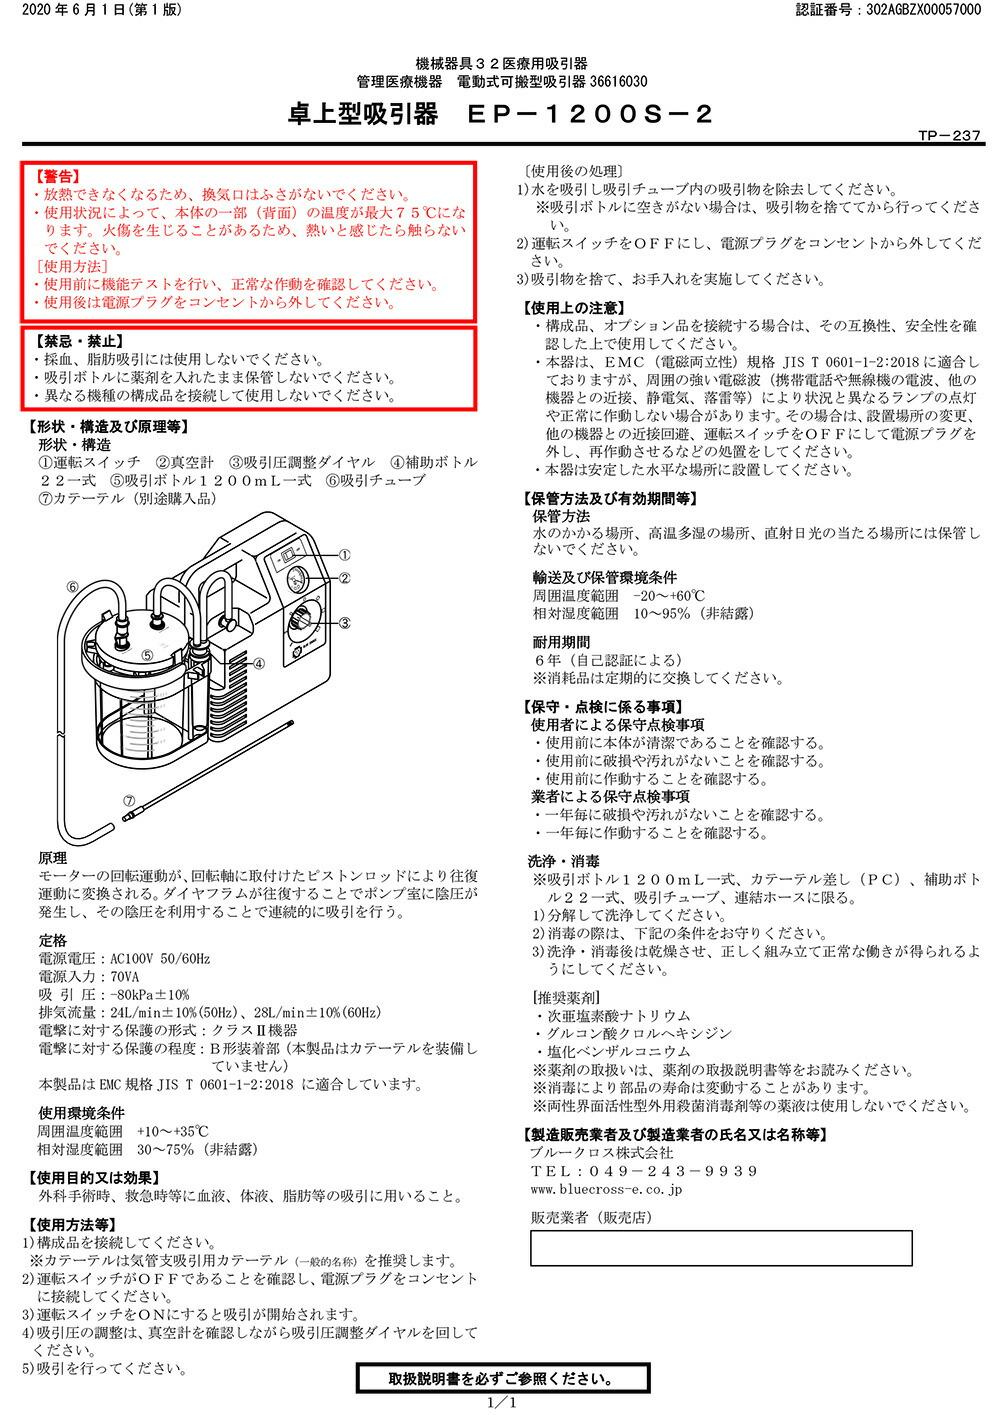 商品説明画像:エマジン 小型吸引器(EP-1500M)